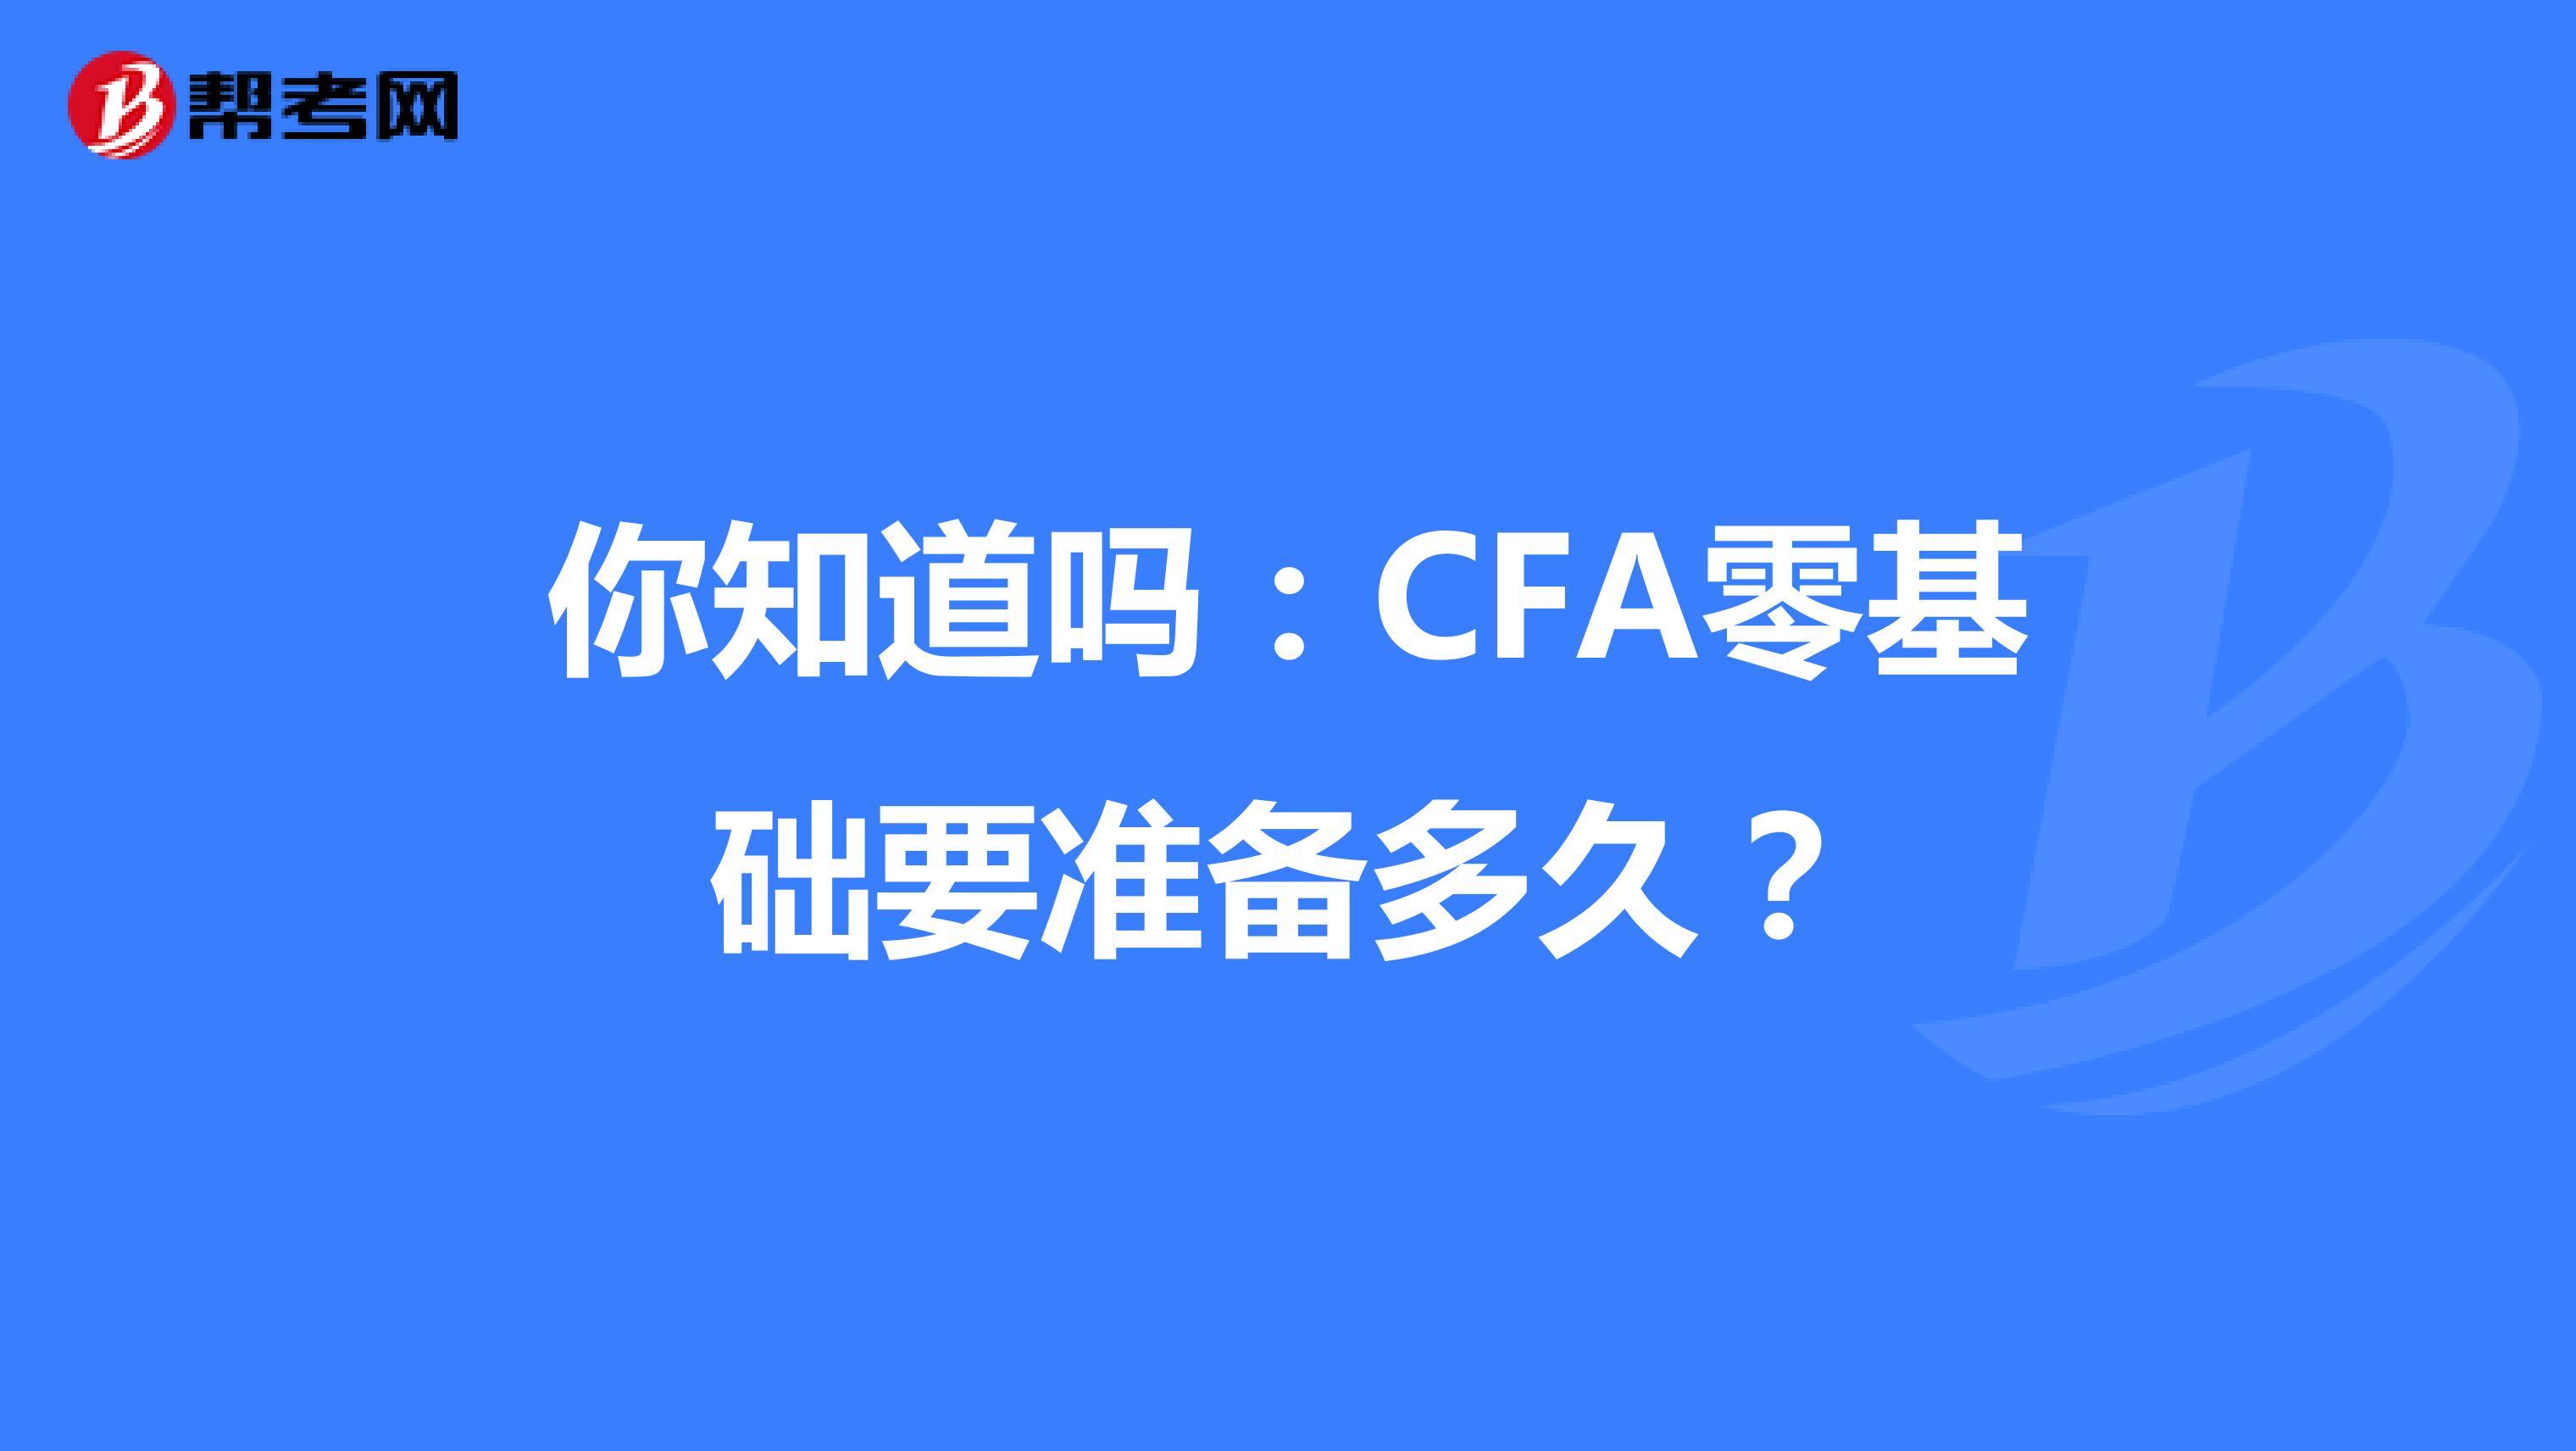 你知道吗:CFA零基础要准备多久?